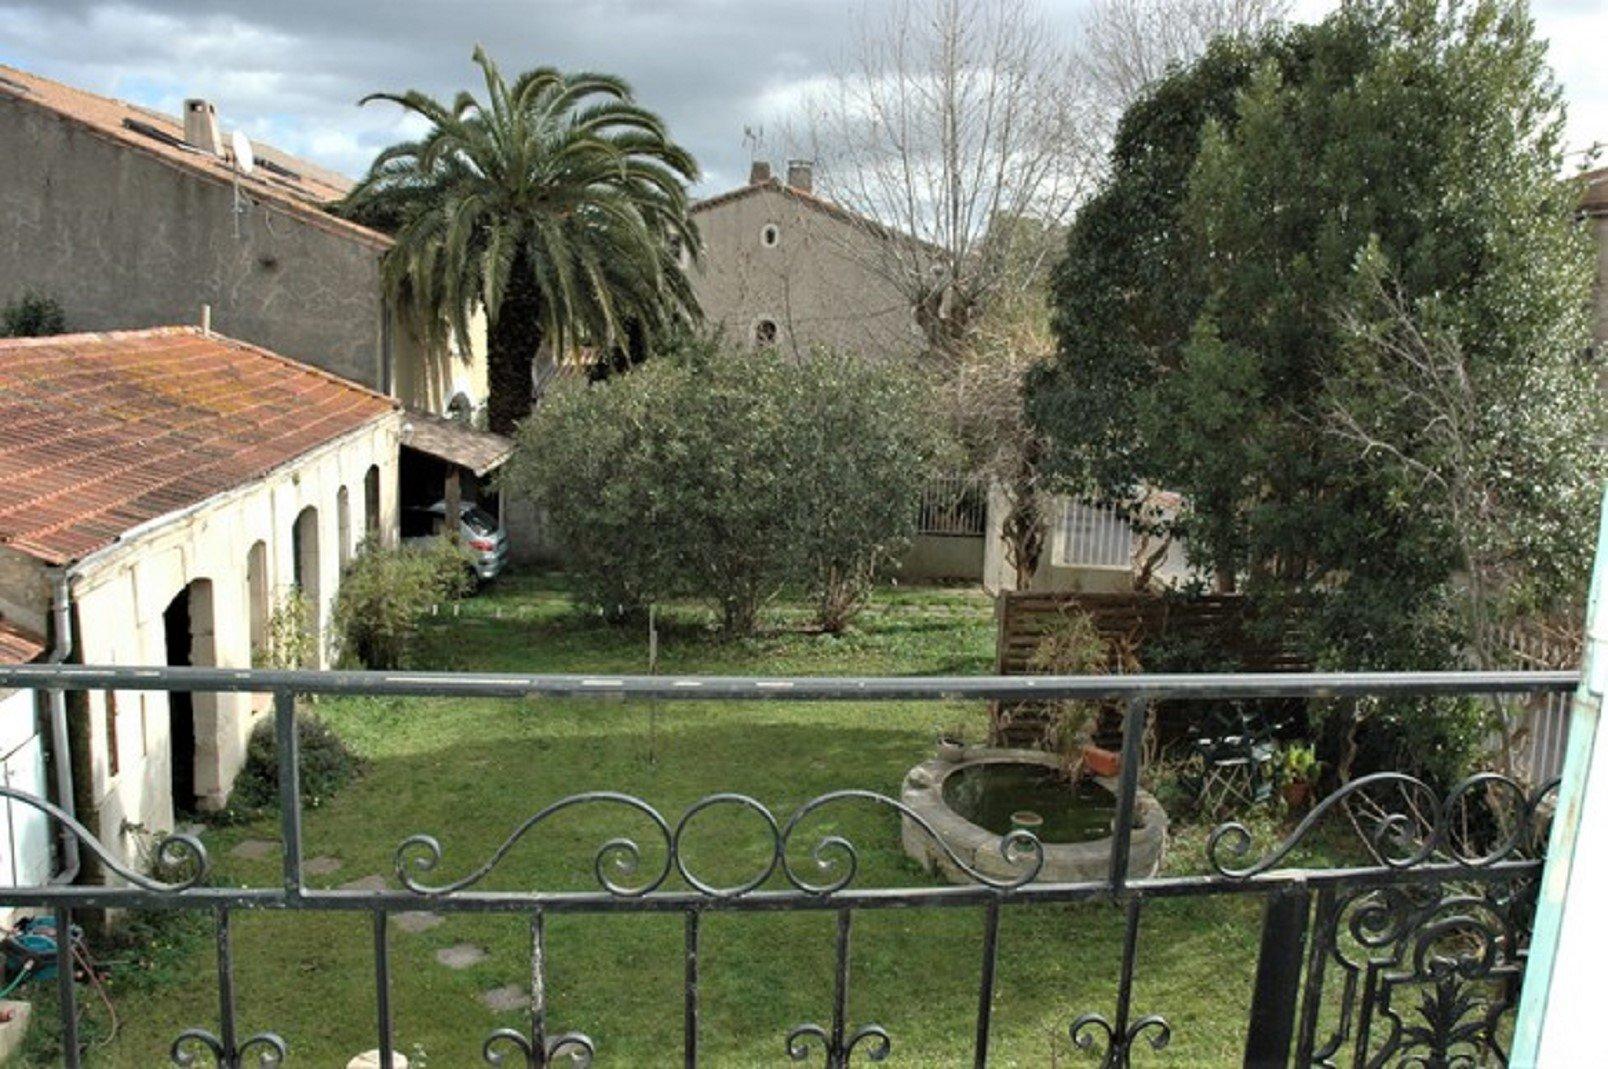 Maison de maître with garden